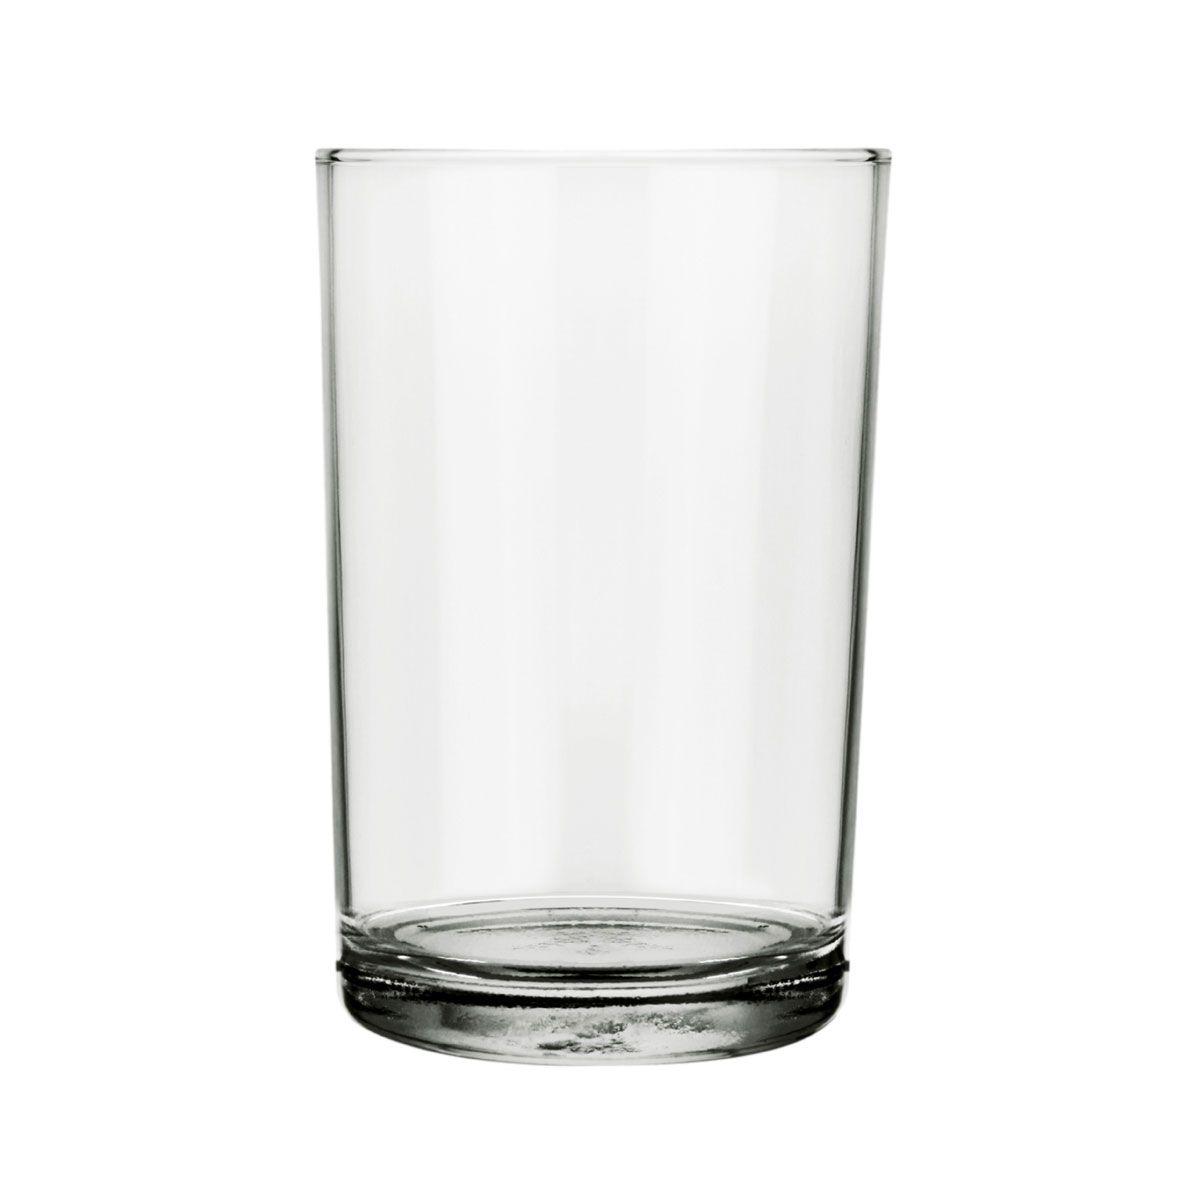 Copo de Água ou Suco Cilindro 200ml